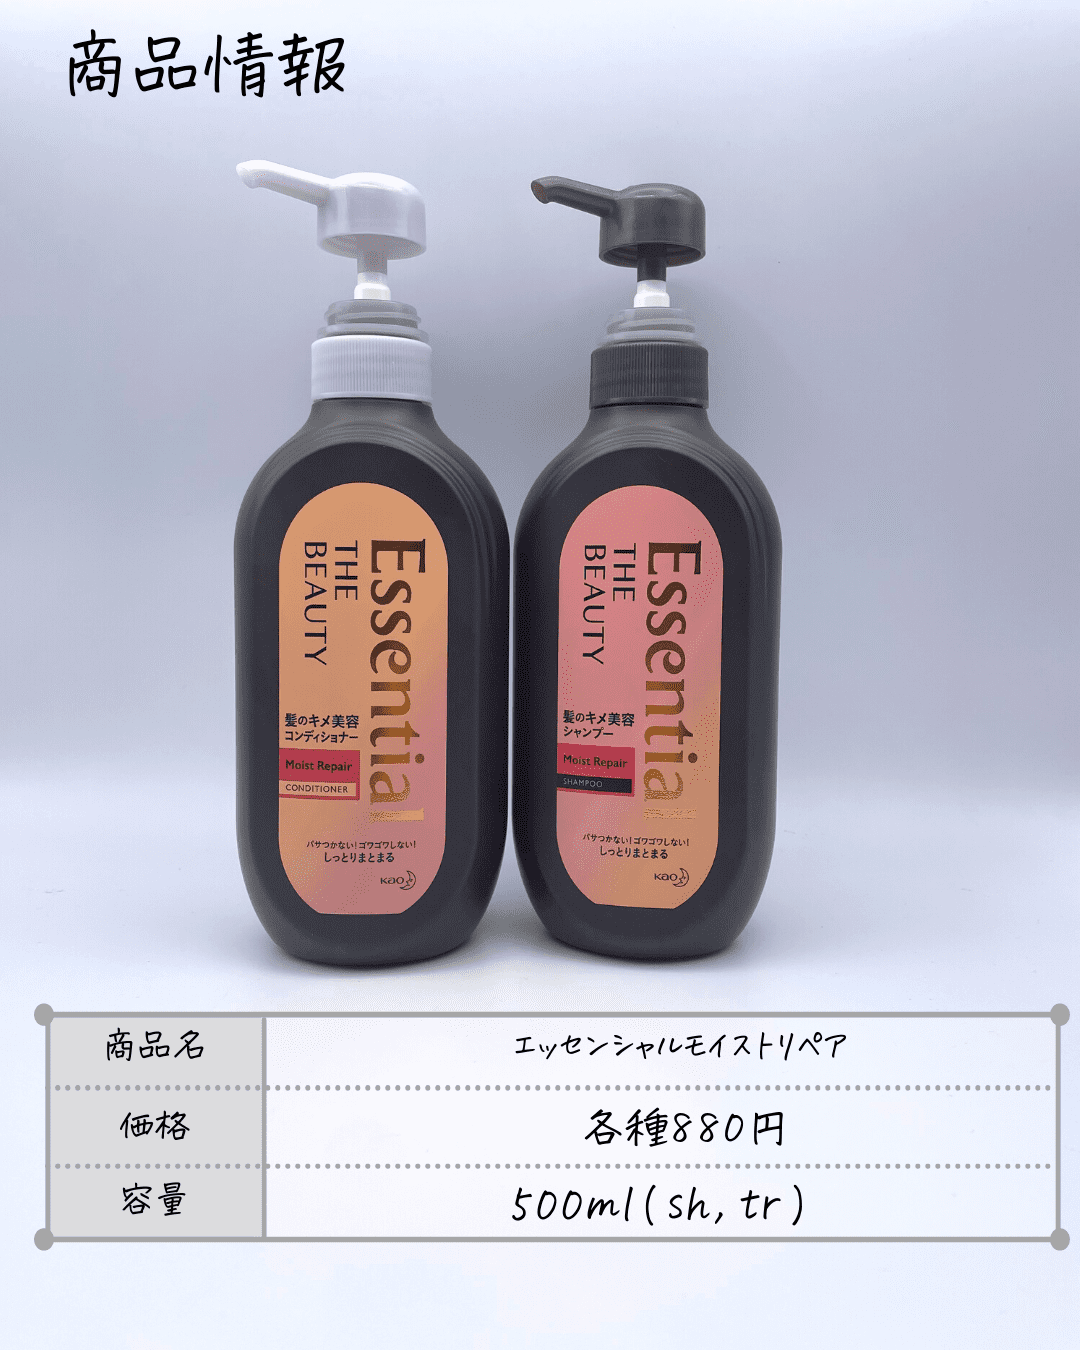 髪のキメ美容エッセンシャルシャンプー